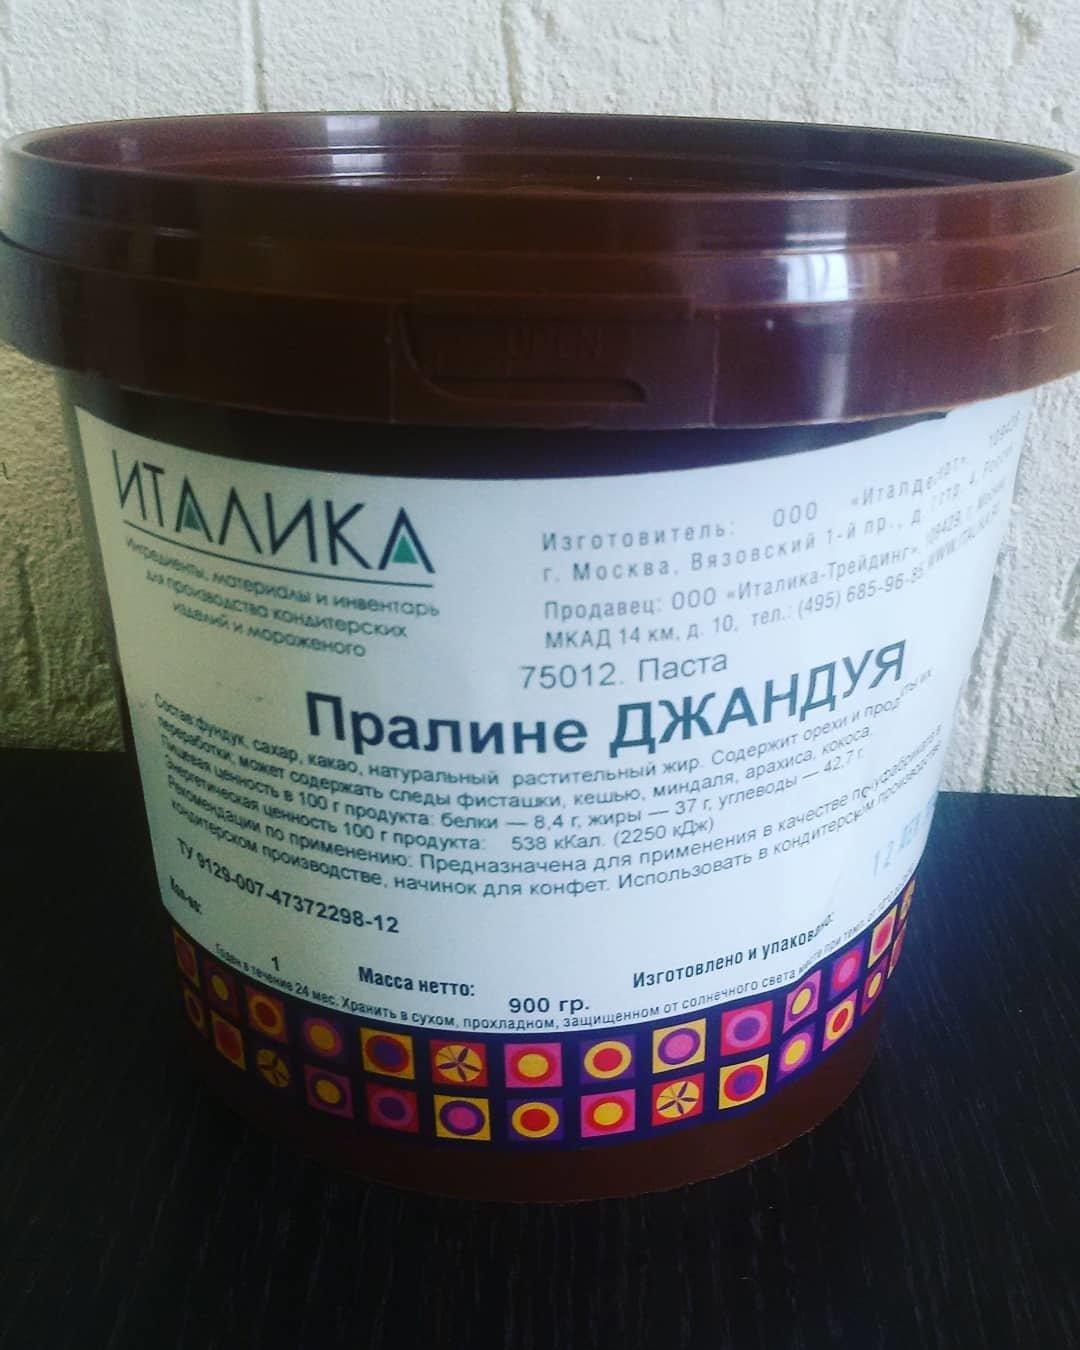 Пралине Джандуя фундук 100 гр